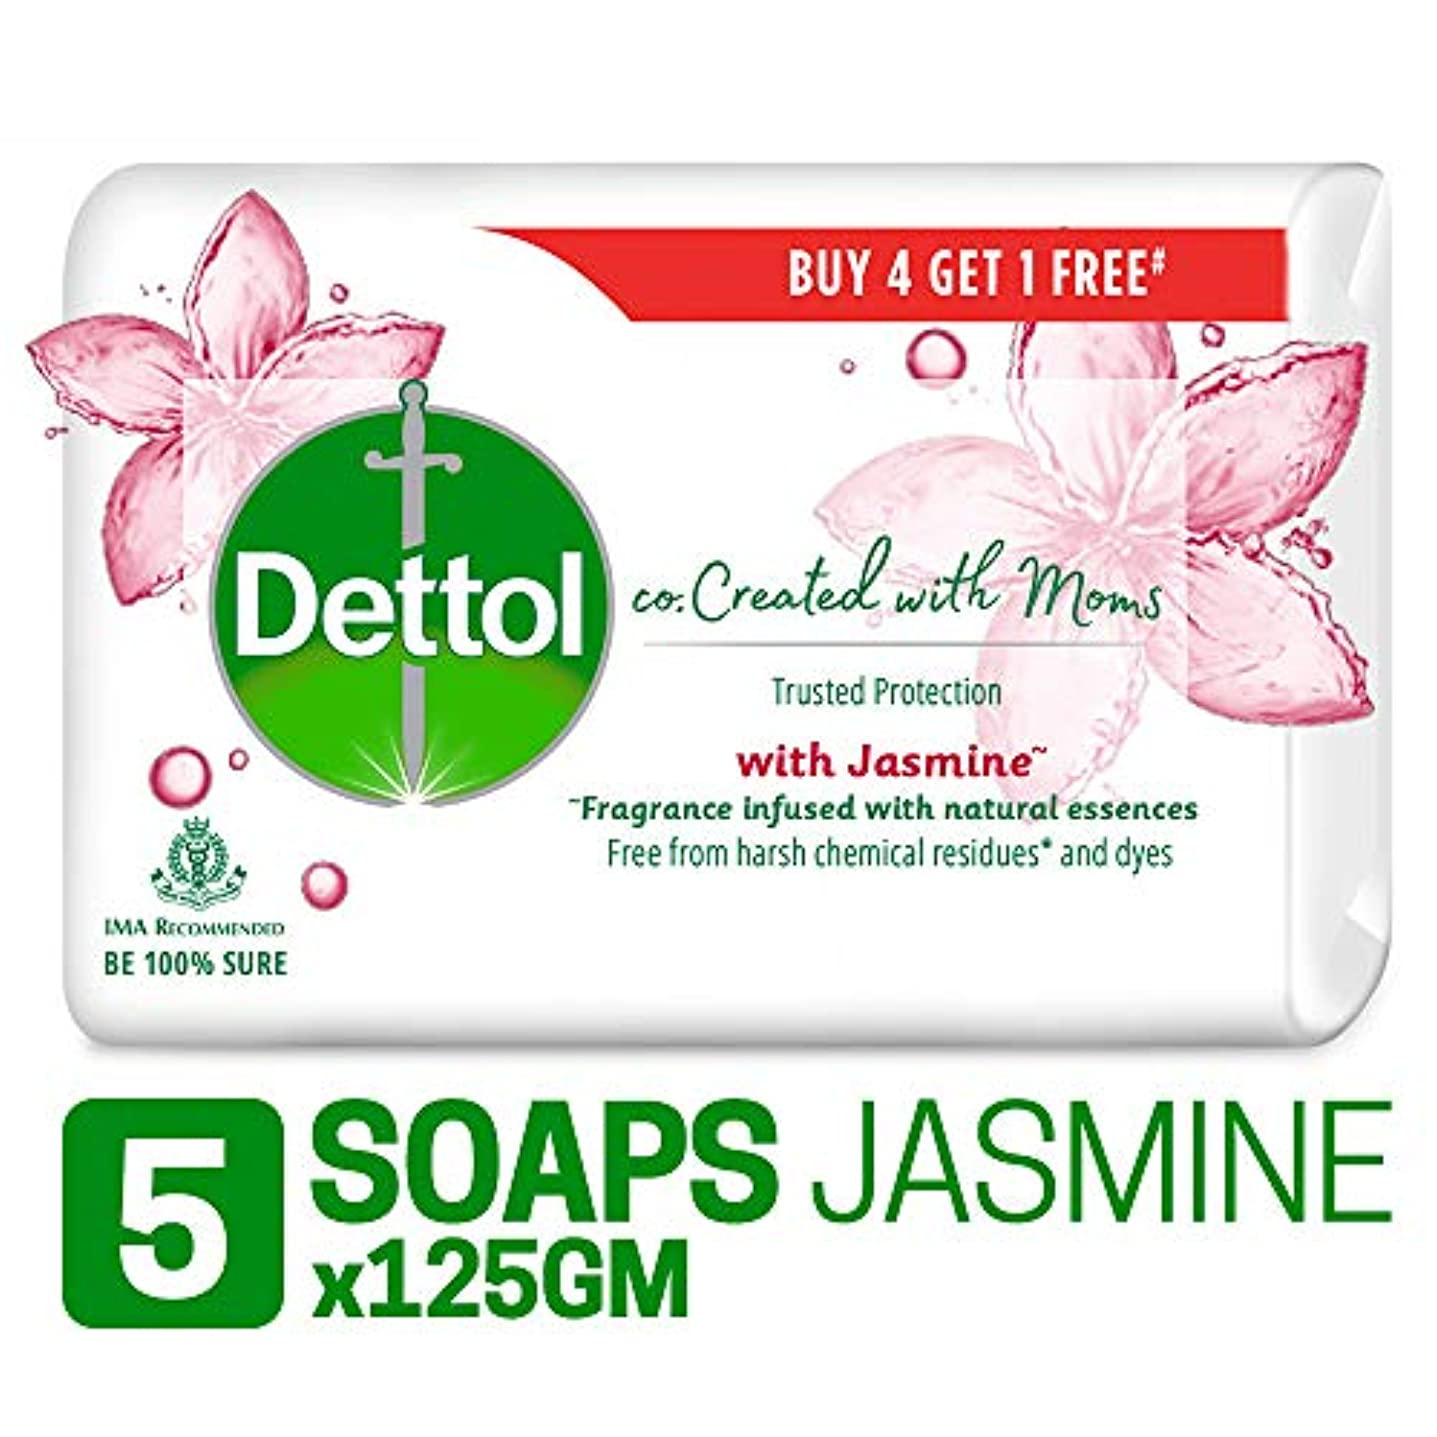 興味サミュエル画家Dettol Co-created with moms Jasmine Bathing Soap, 125gm (Buy 4 Get 1 Free)